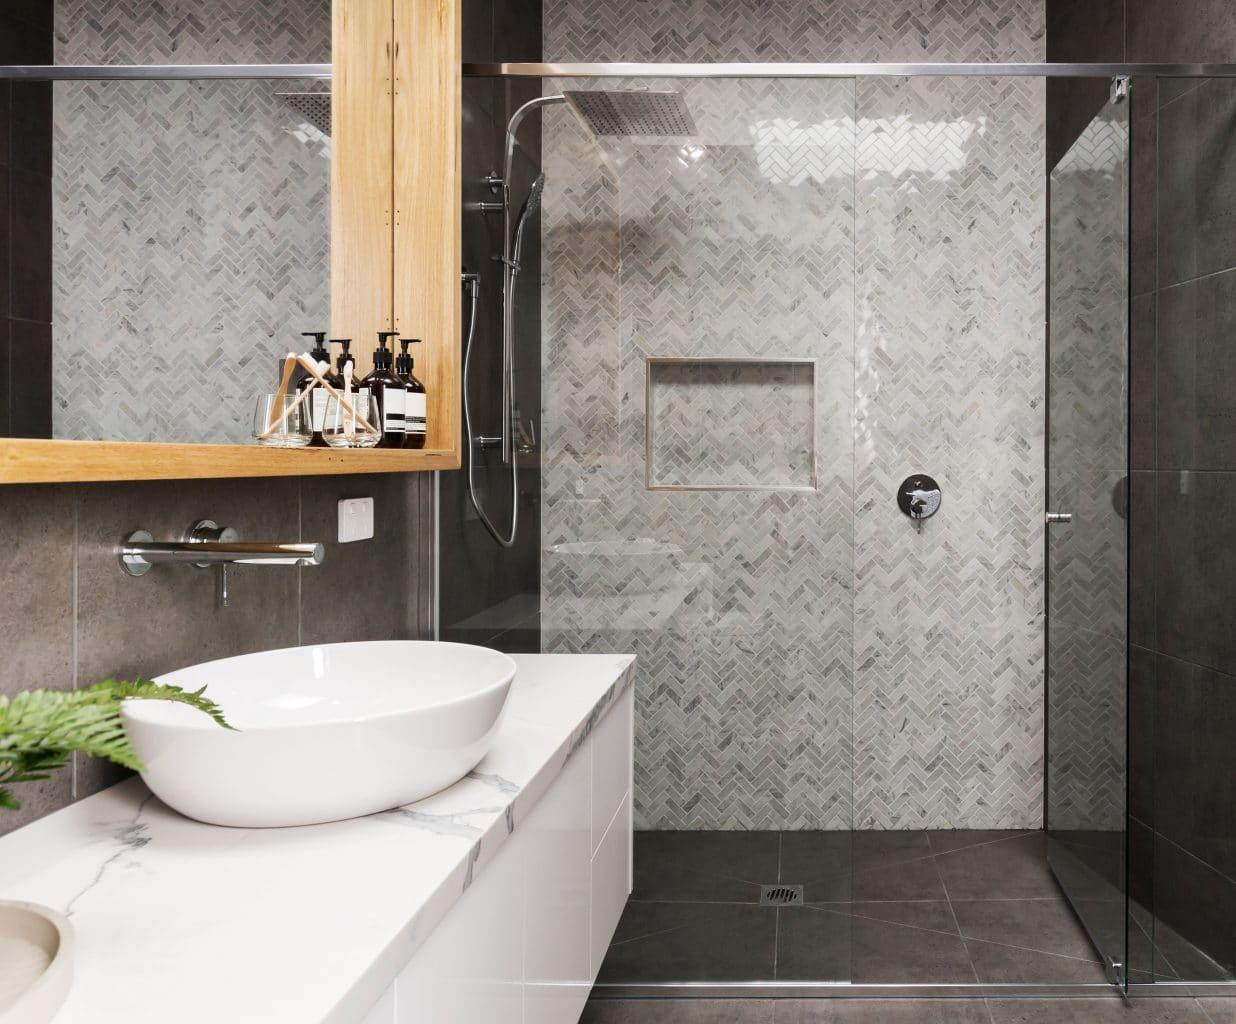 rénovation salle de bain par illiCO travaux Saint Laurent du Var